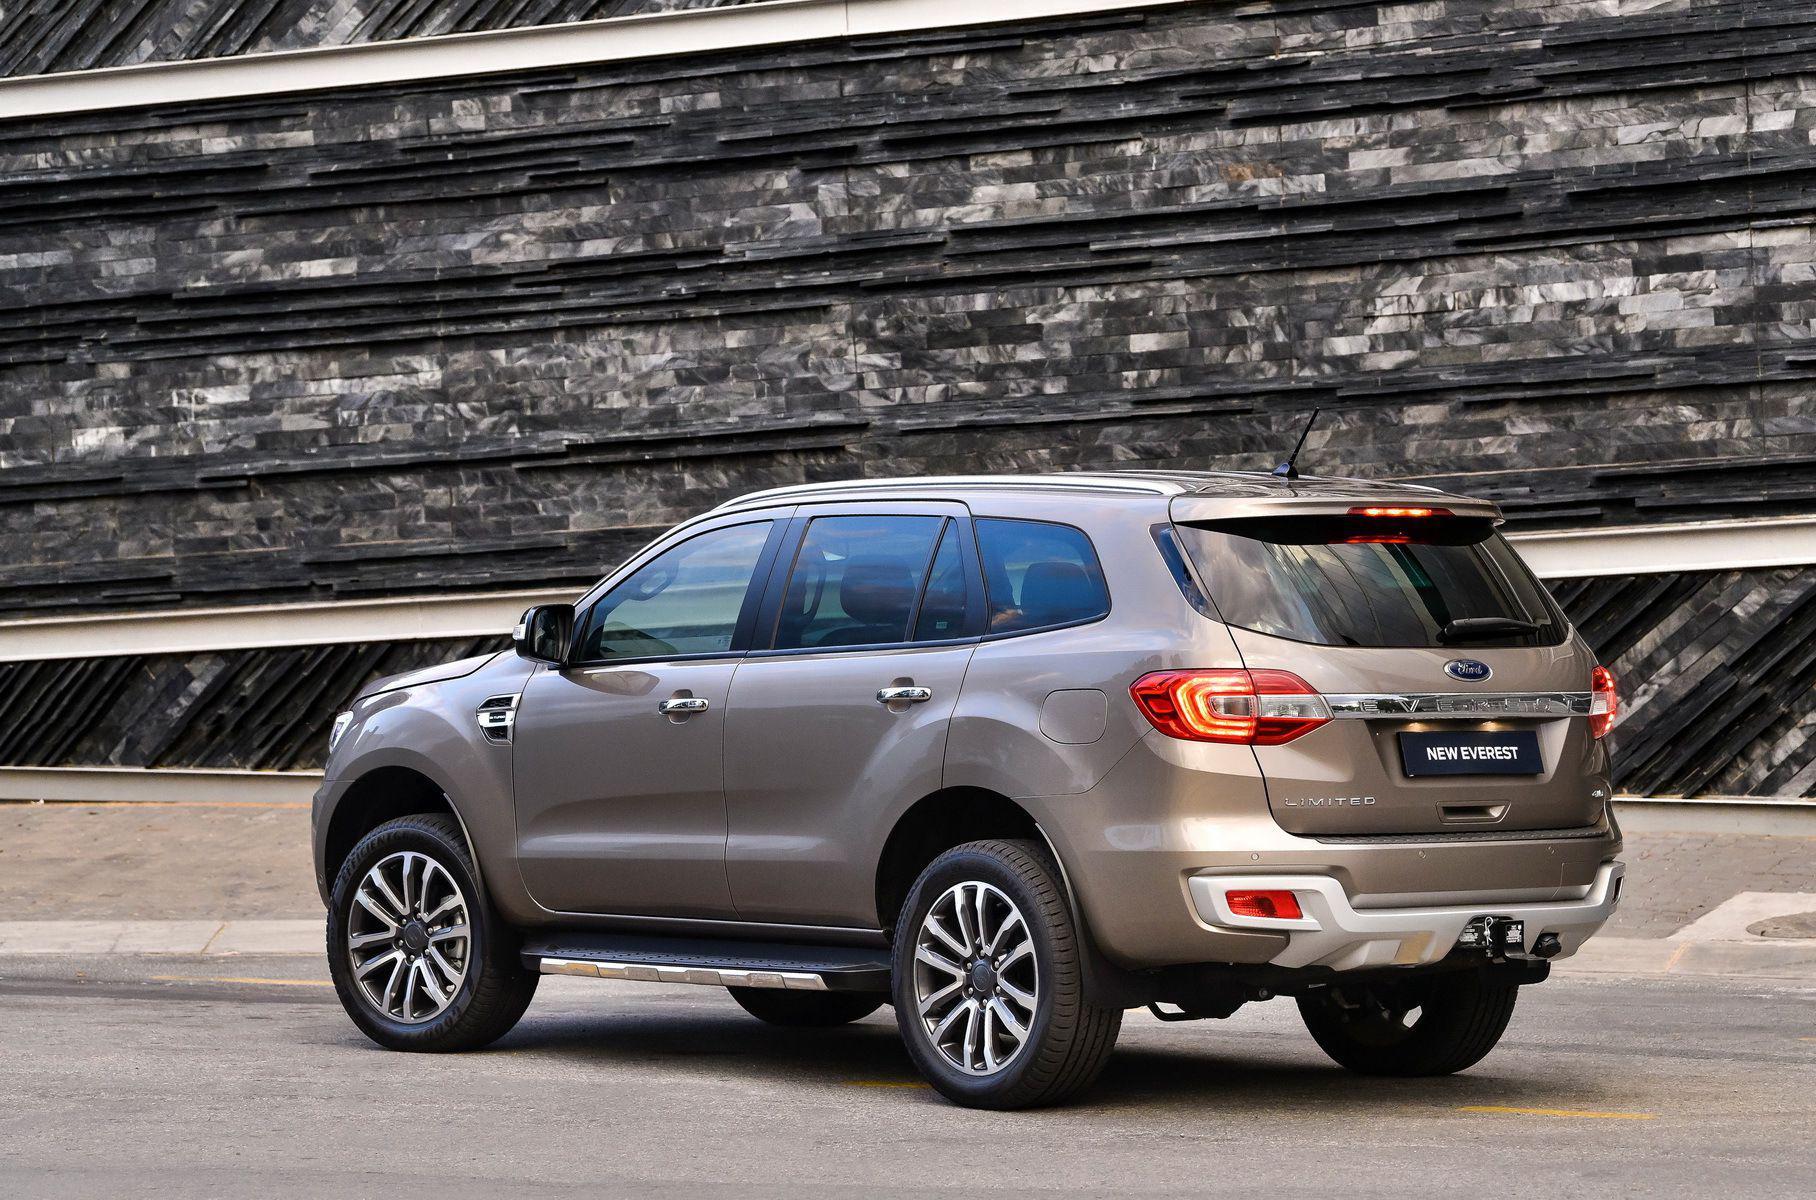 Volkswagen и Ford разрабатывают 7-местный внедорожник на раме